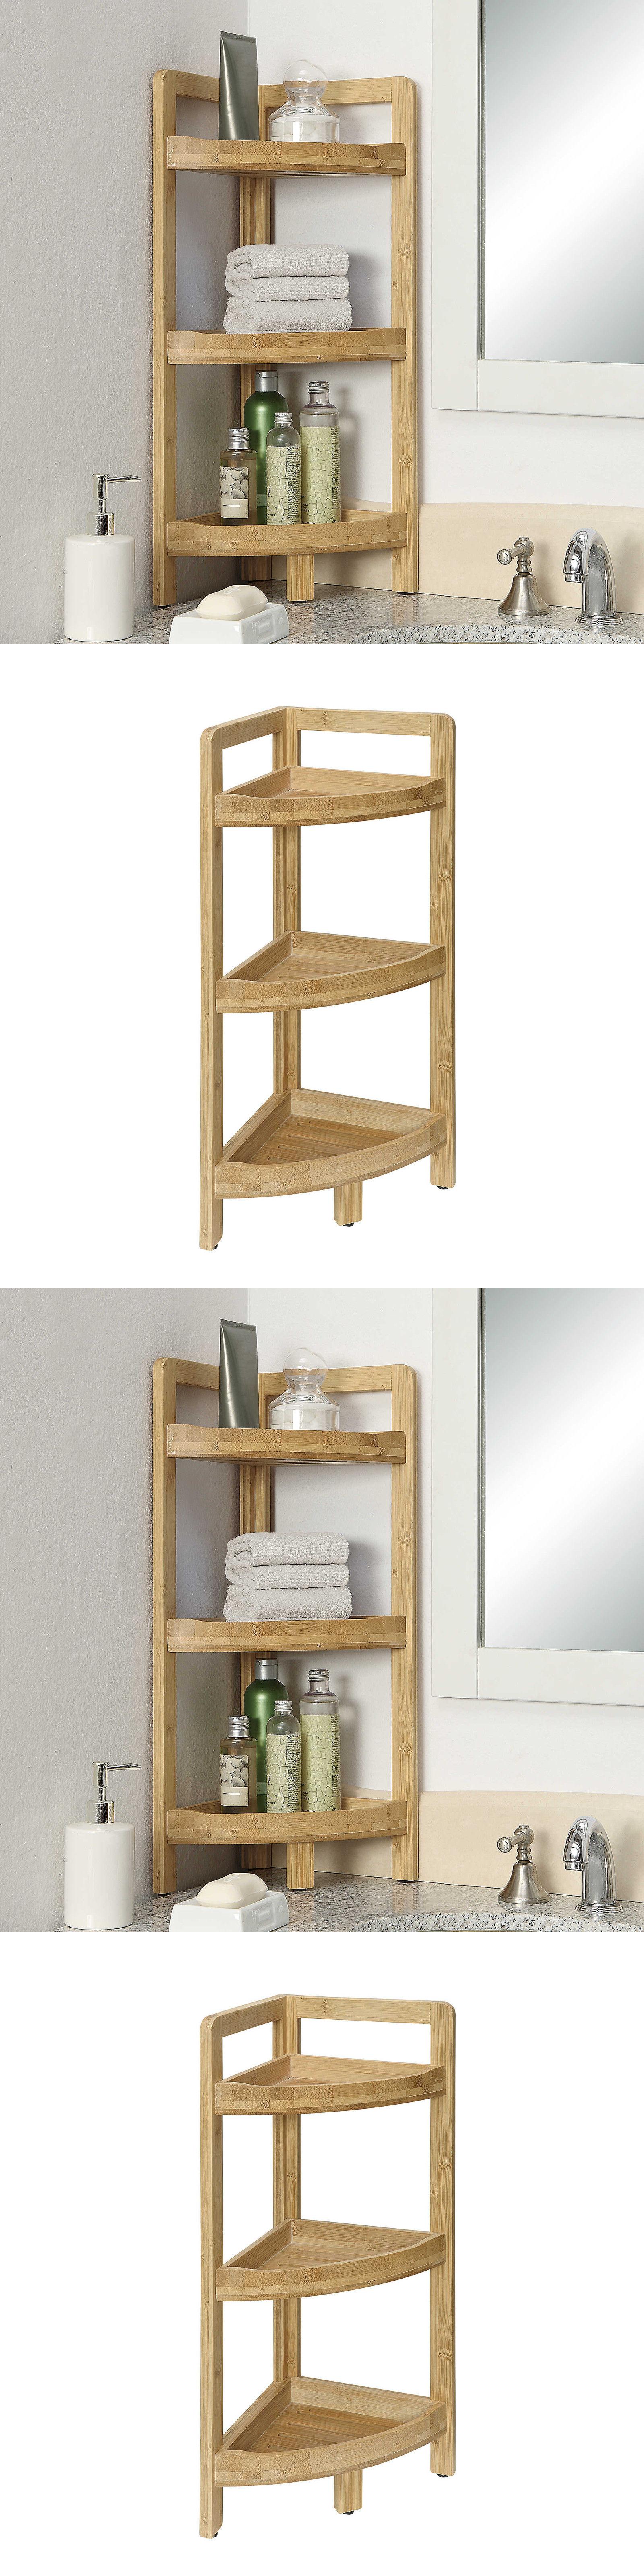 Shelves 31385: Bathroom Corner Shelf Shower Space Saver Towel ...